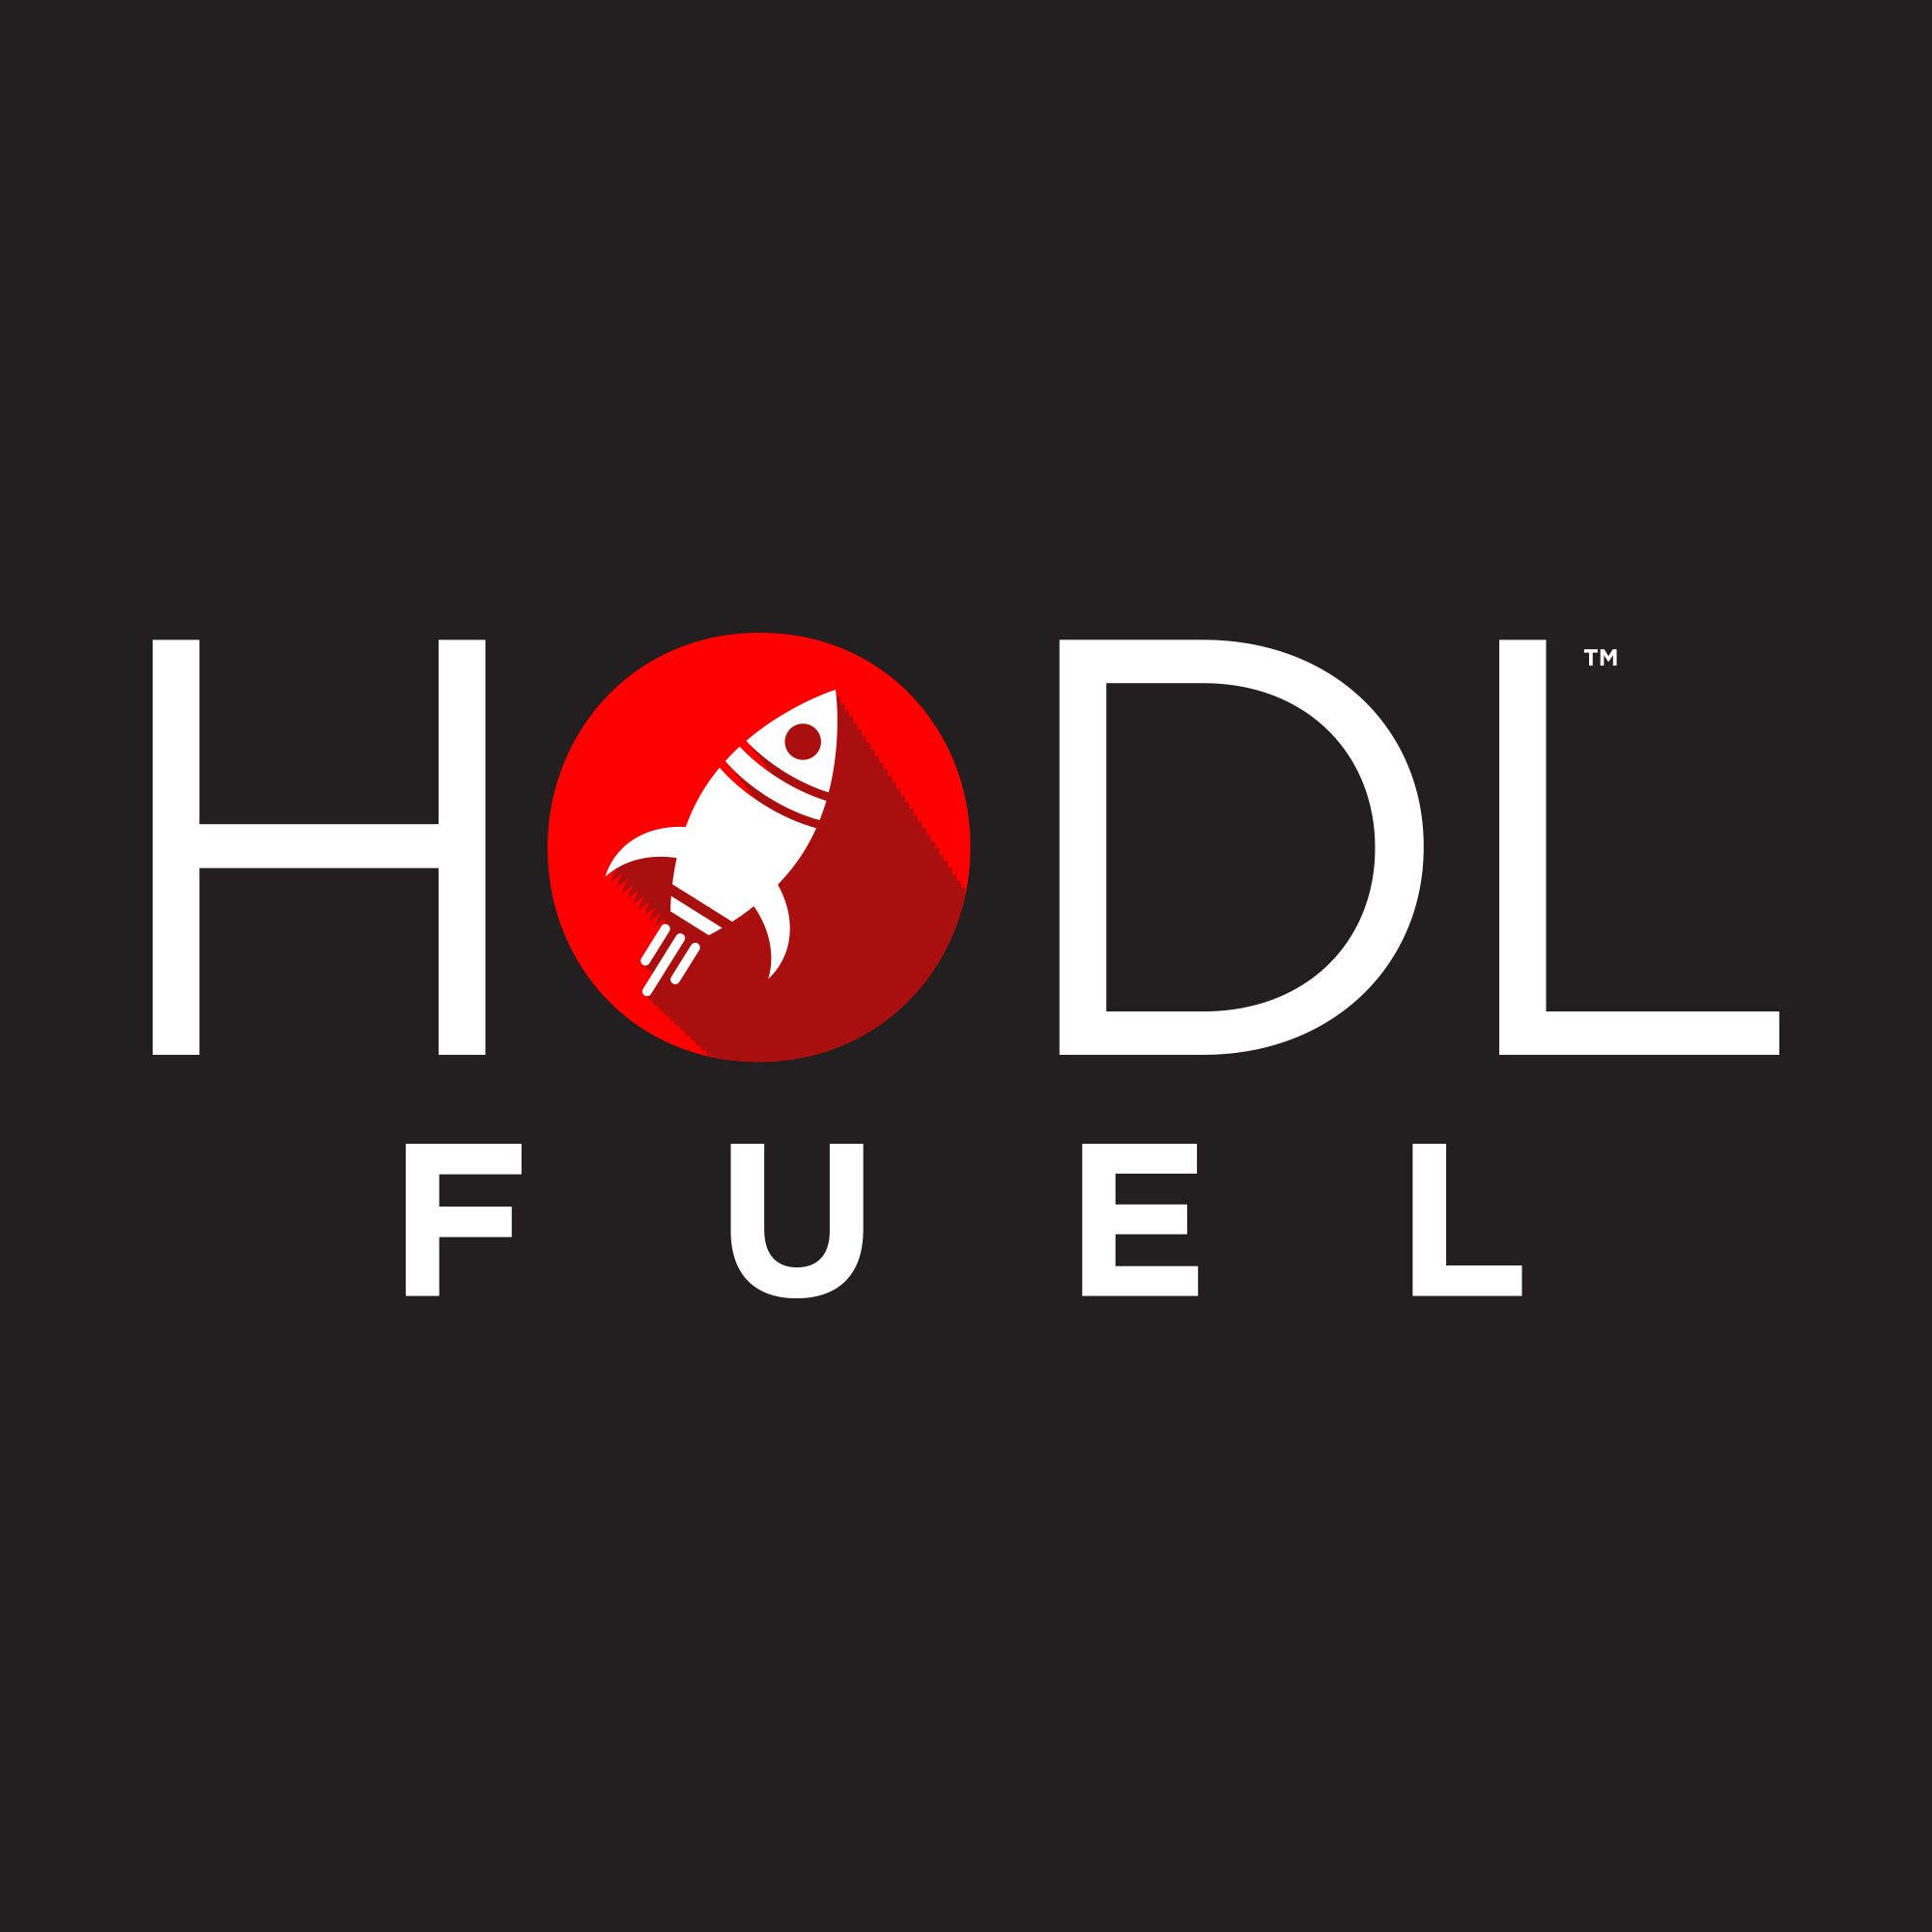 Hodl Fuel